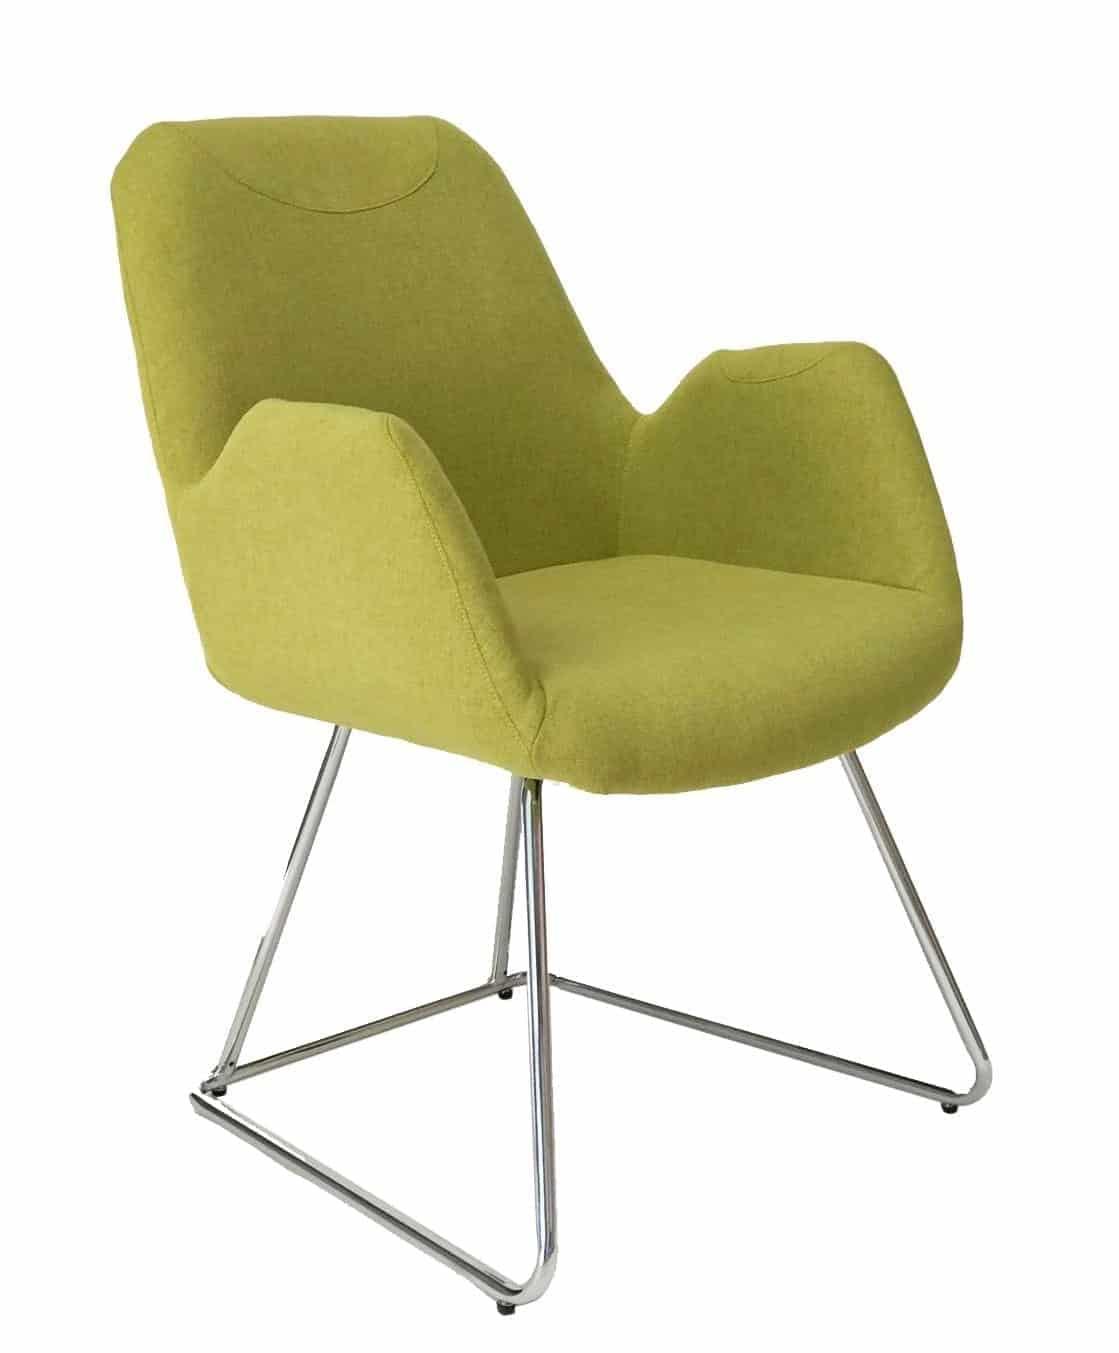 כסא המתנה מדגם נובה